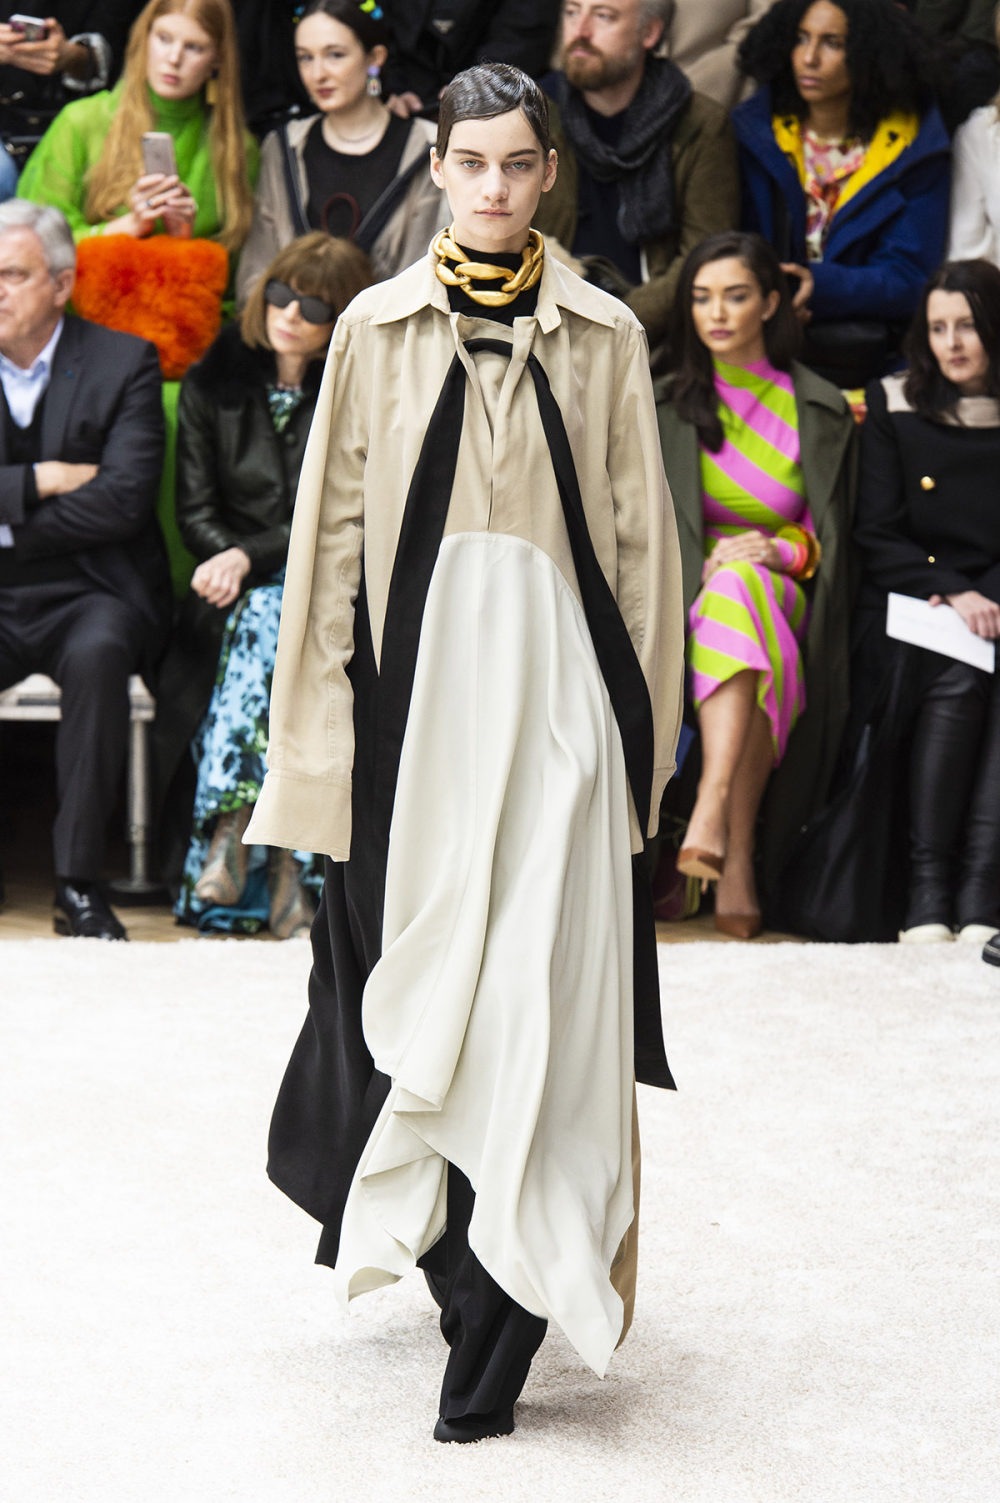 JW Anderson时装系列连衣裙是柔软的边缘用褶皱和长窗帘制成的-37.jpg